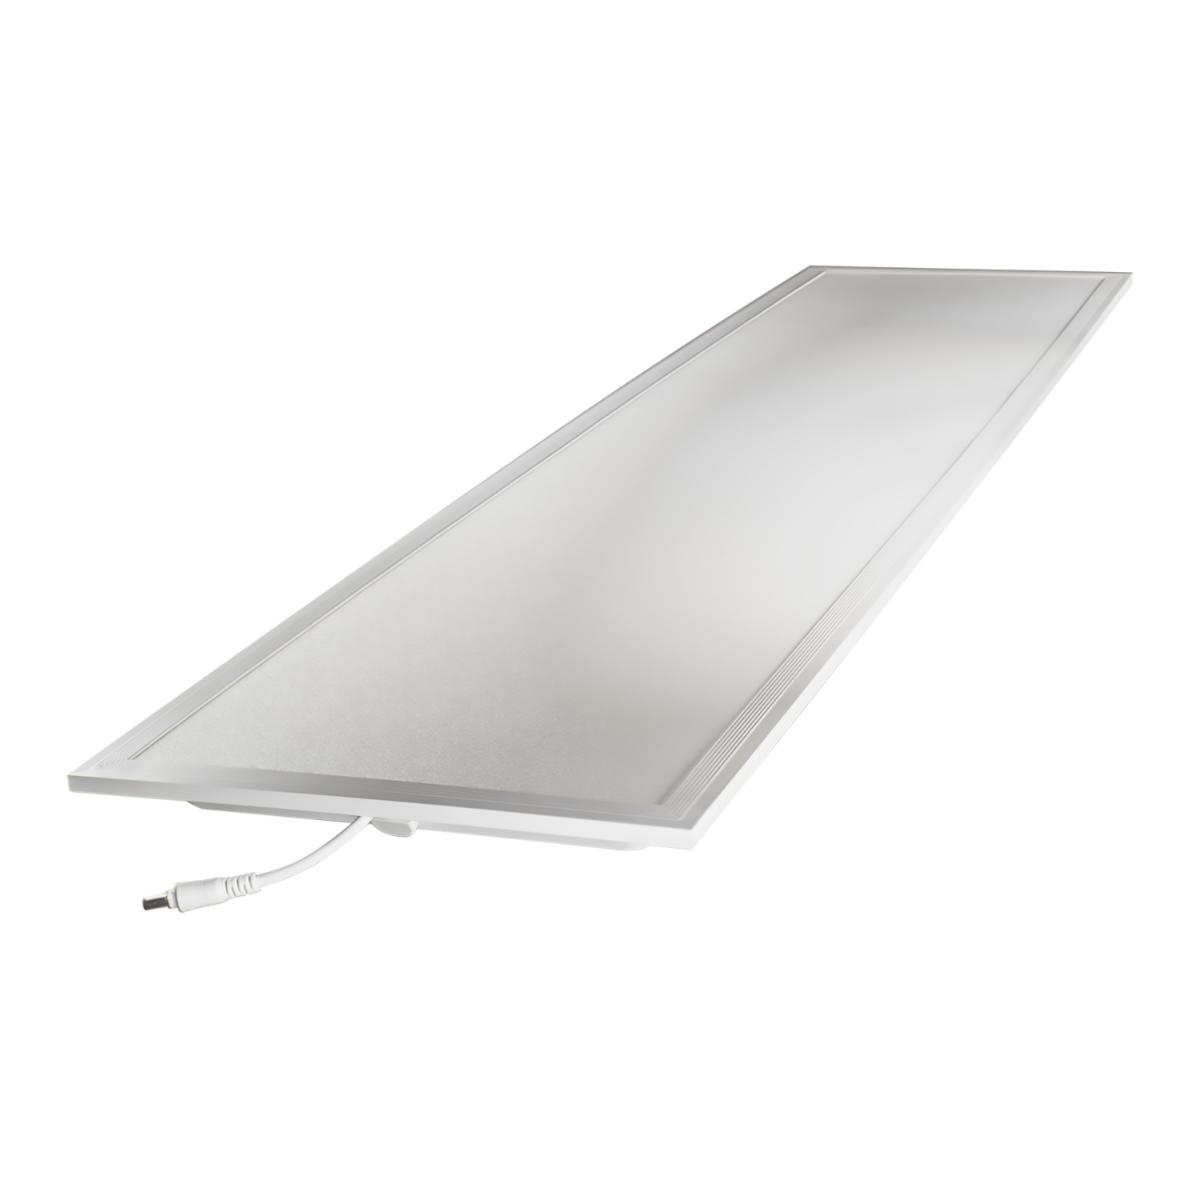 Noxion LED Paneel Econox 32W Xitanium DALI 30x120cm 3000K 3900lm UGR <22   Dali Dimbaar - Vervanger voor 2x36W